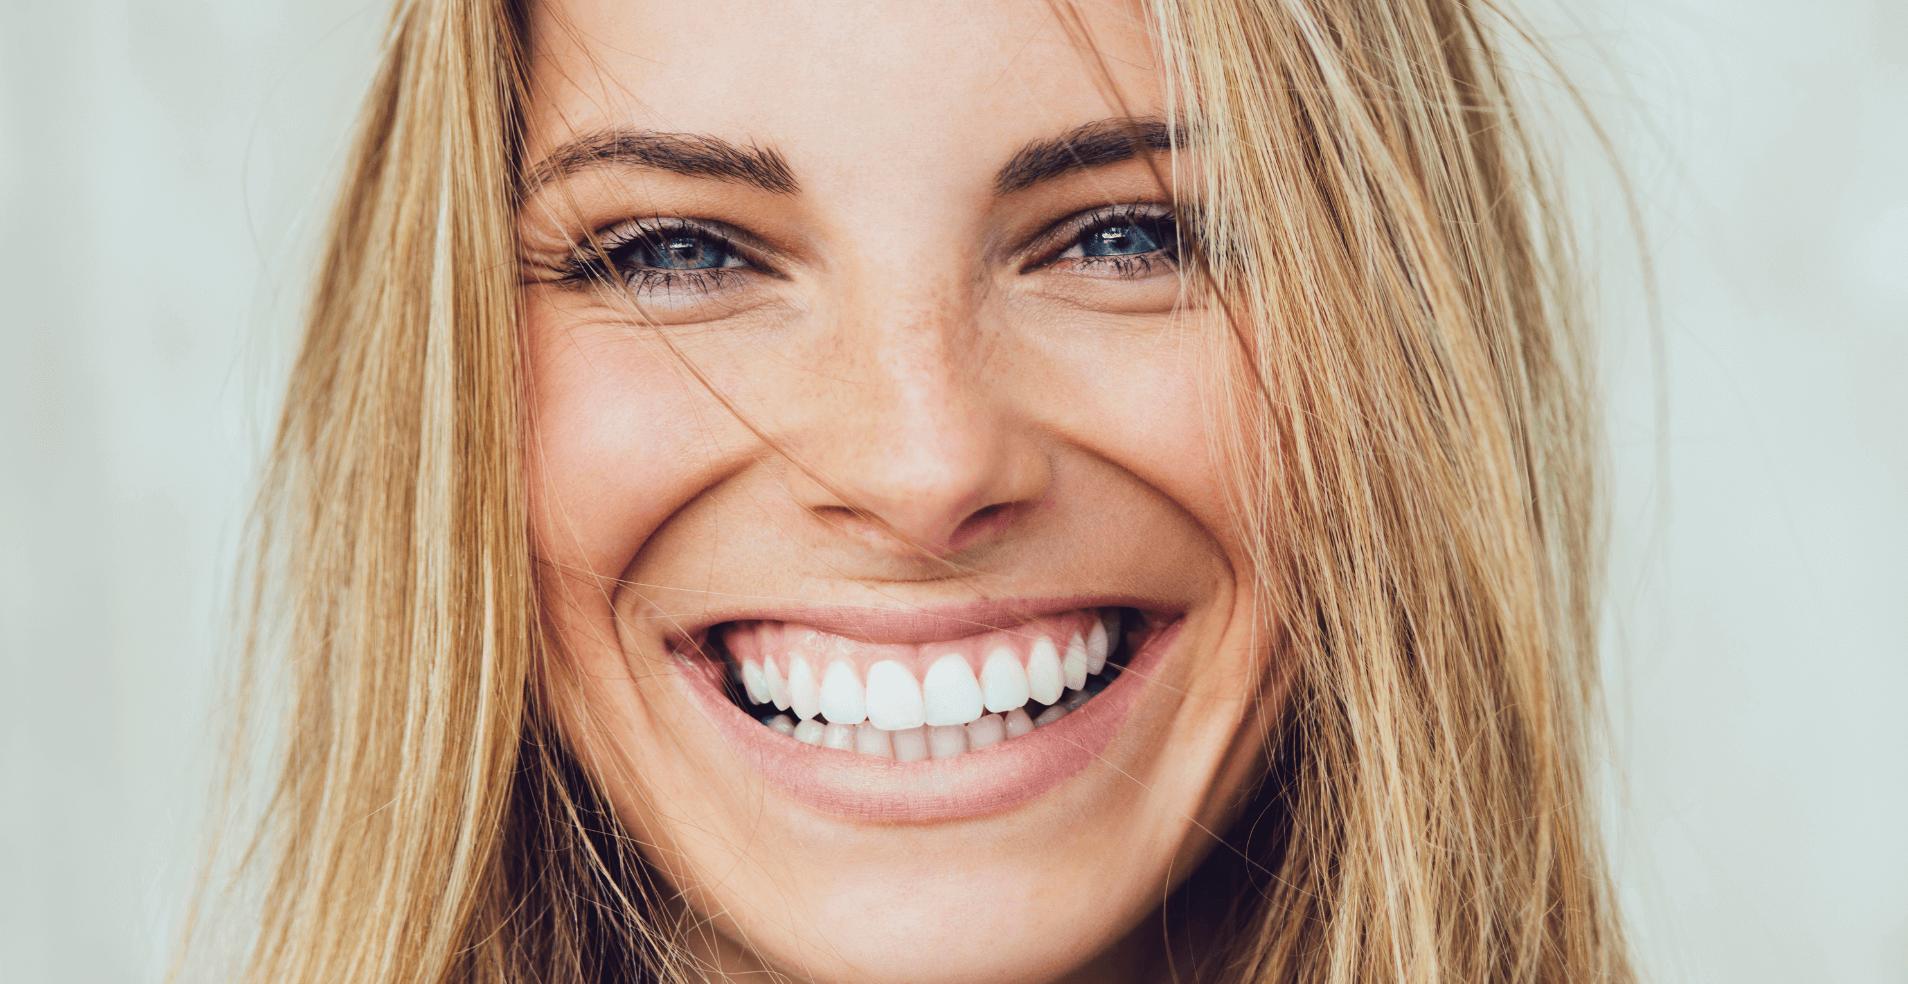 Blonde women smiling